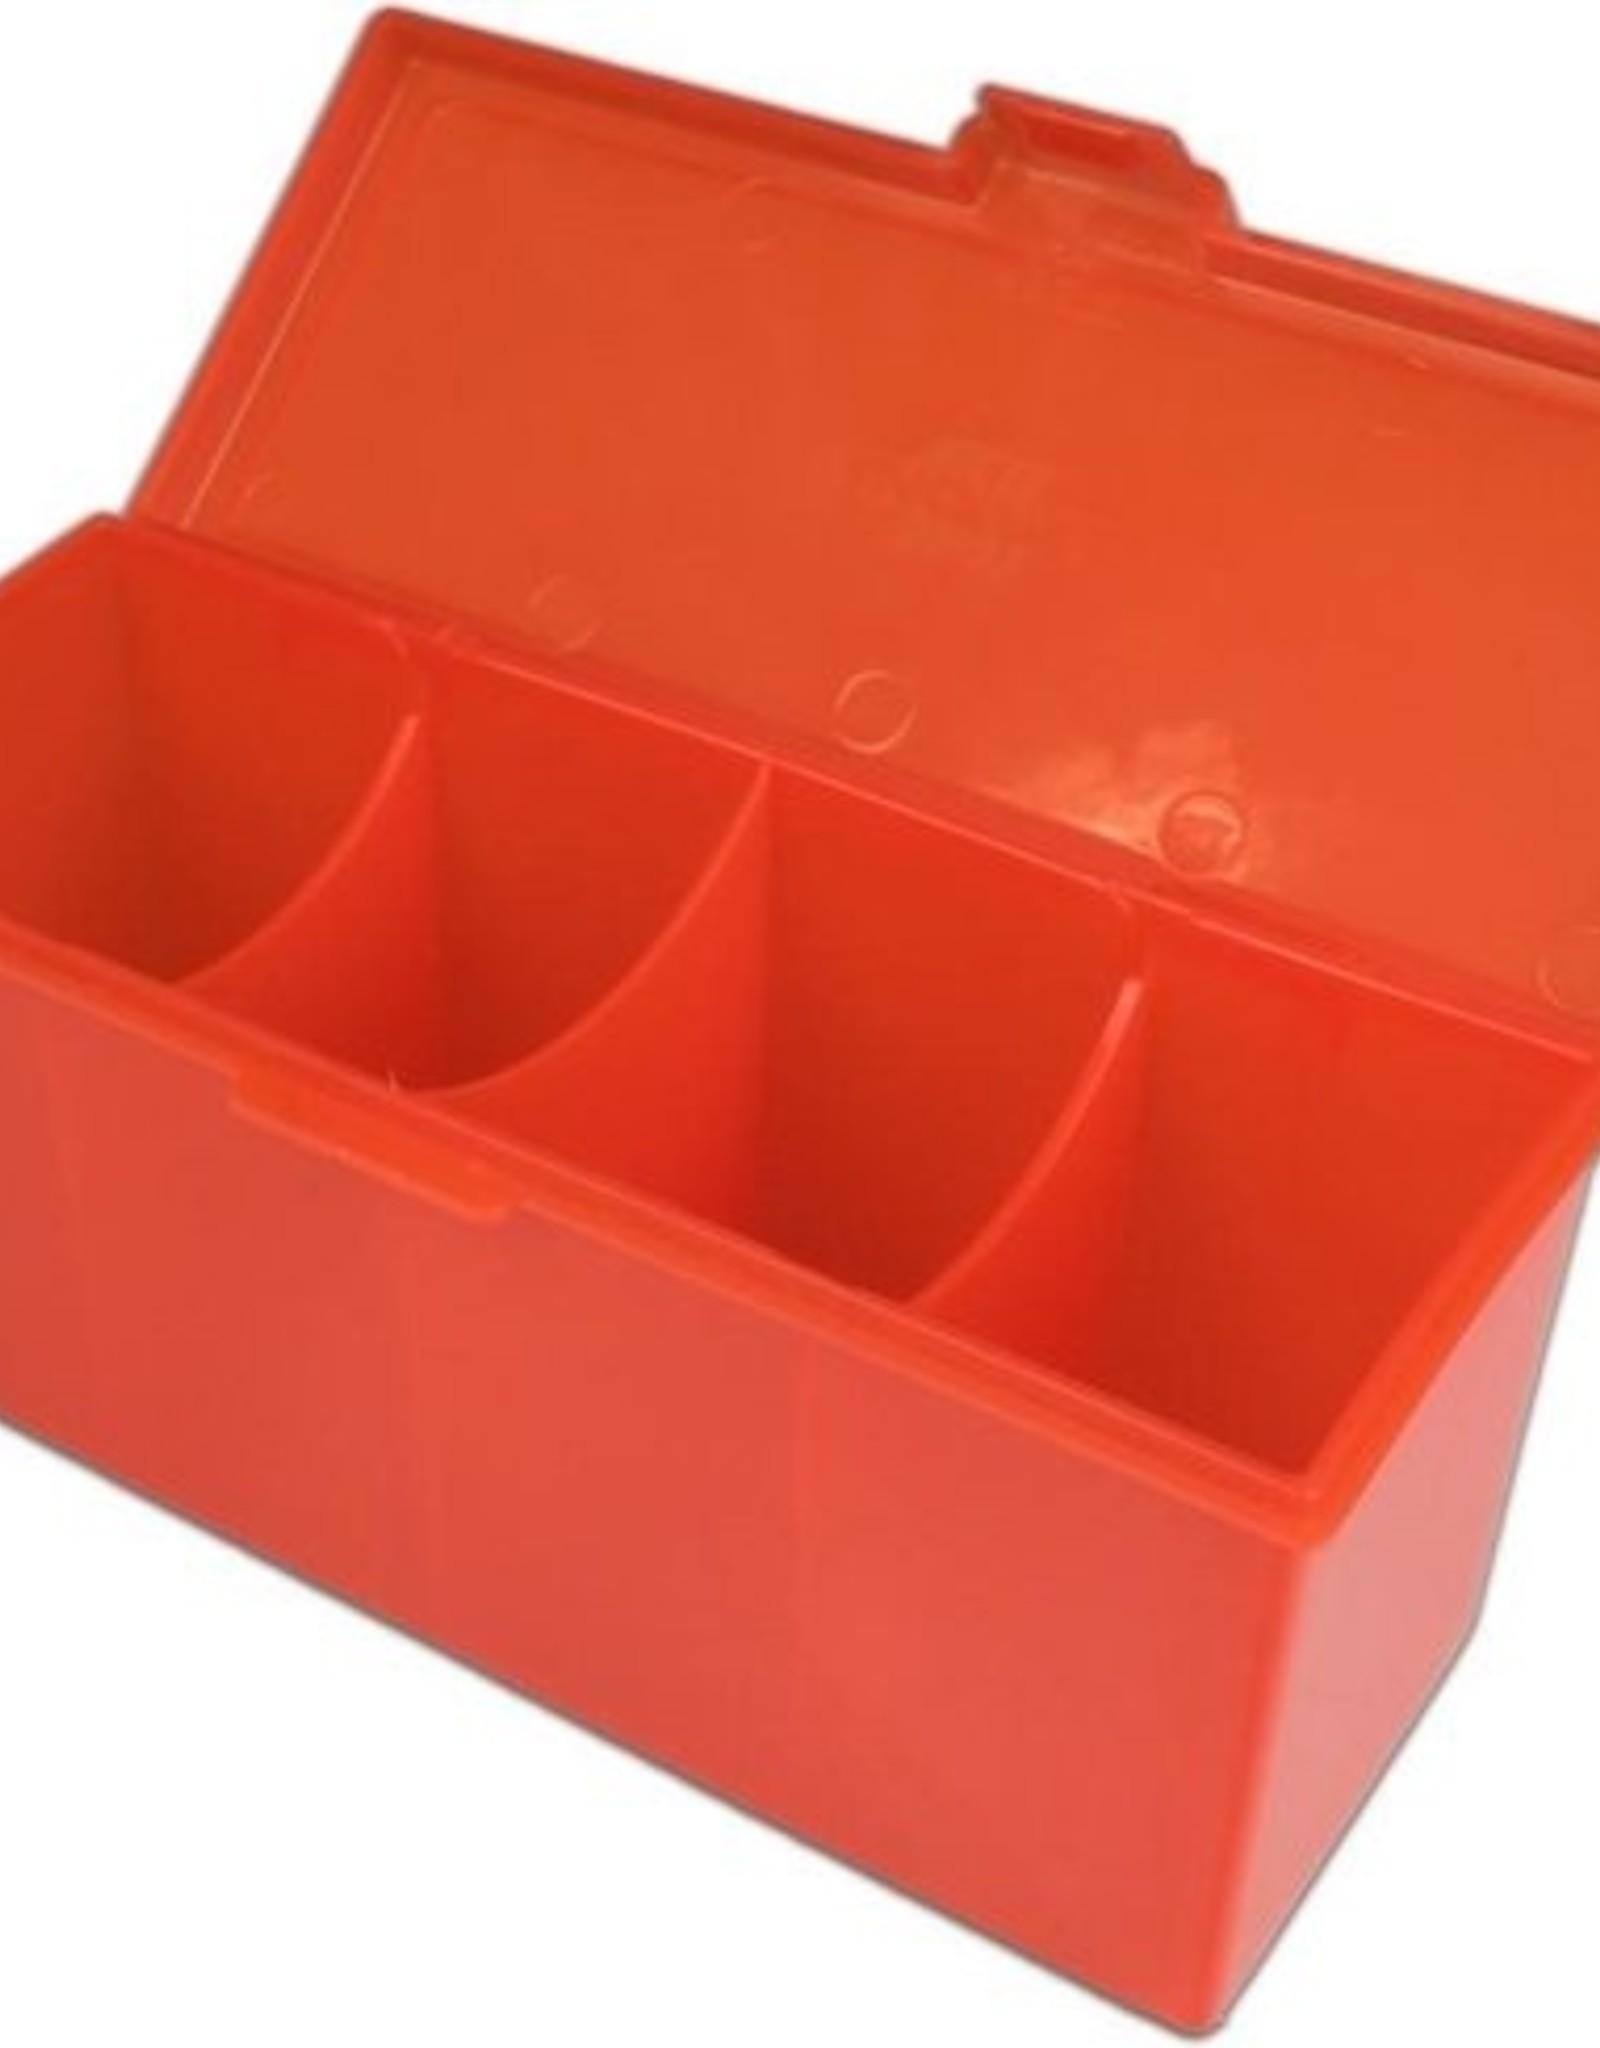 ADC Blackfire Blackfire 4-Compartment Storage Box Red